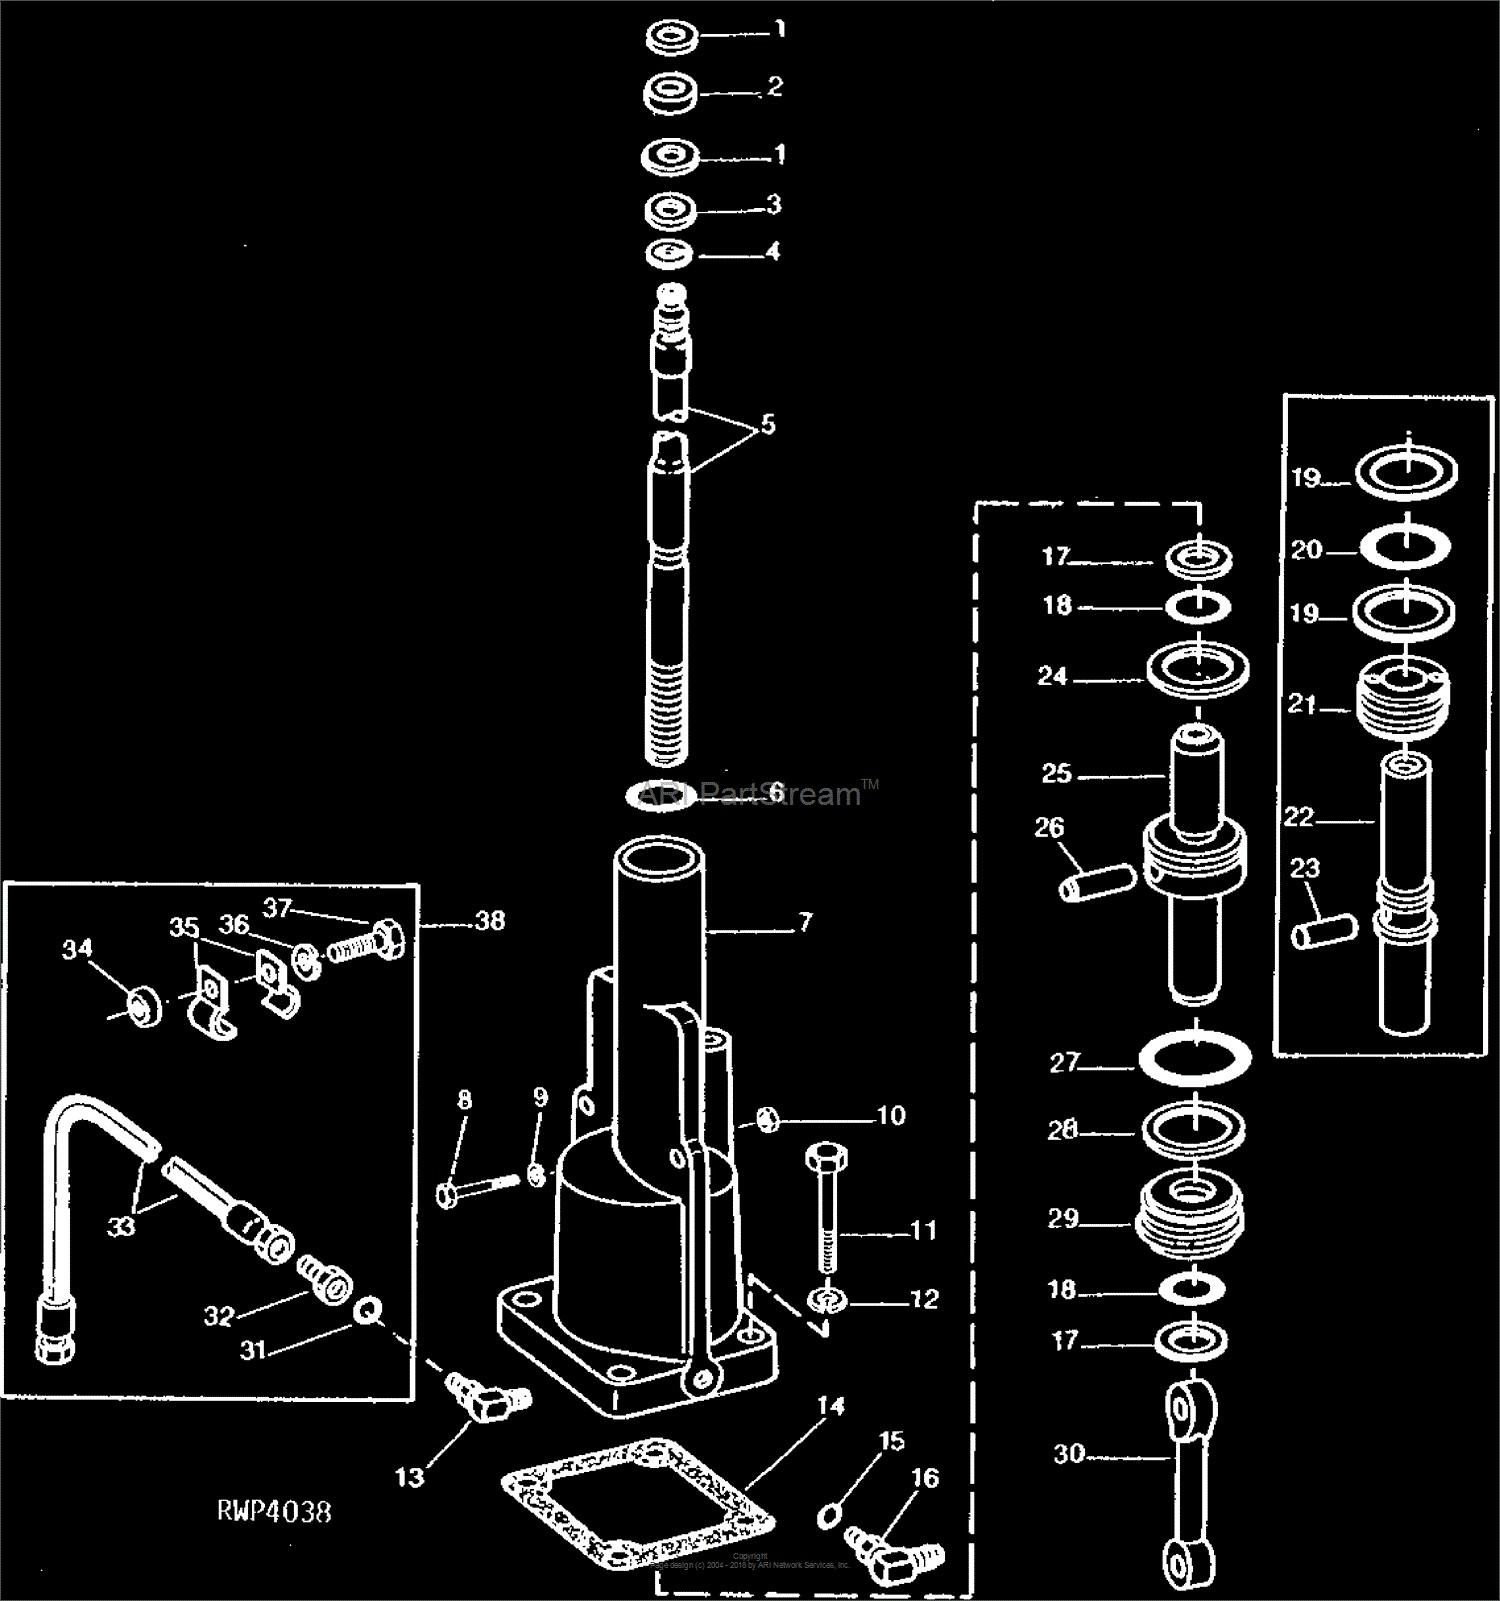 Diagram Of Power Steering System John Deere Parts Diagrams John Deere 2030 Tractor Pc1289 Power Of Diagram Of Power Steering System Billet Specialties Power Steering Pump